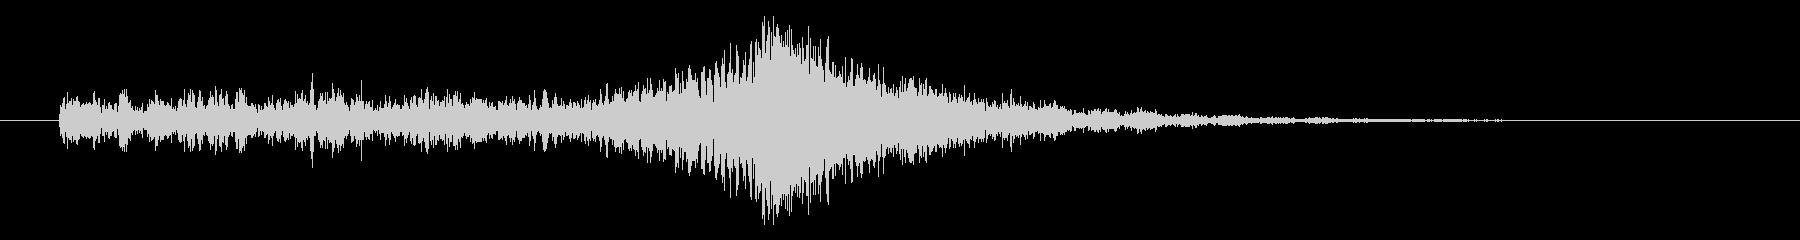 ダダダダーン(迫り来る緊迫音)の未再生の波形